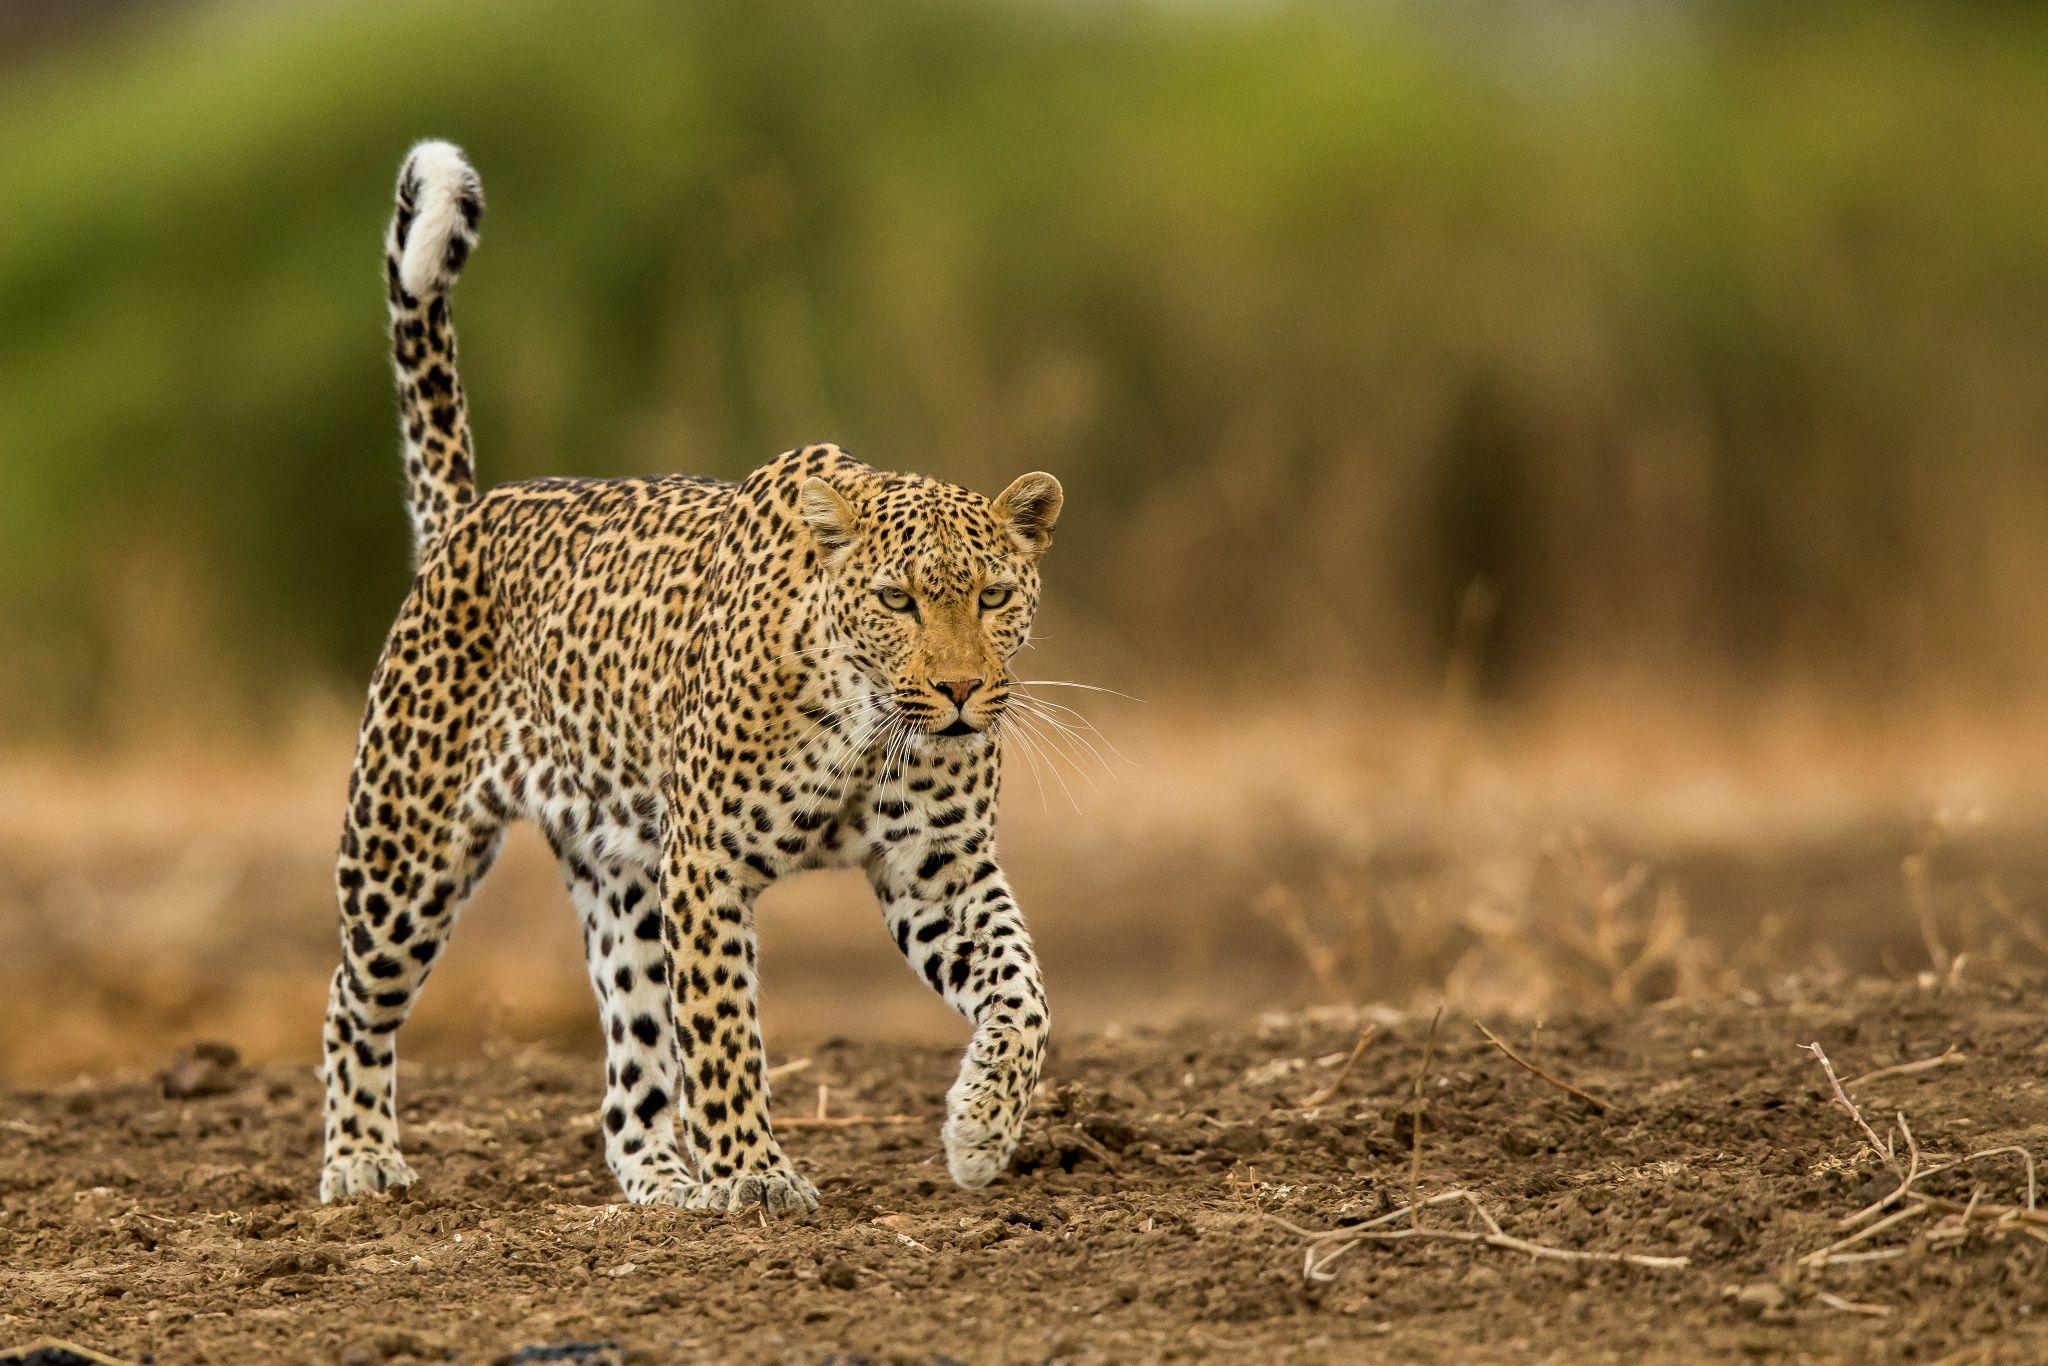 Spots of Zambia! by Kanwar Deep Juneja on 500px